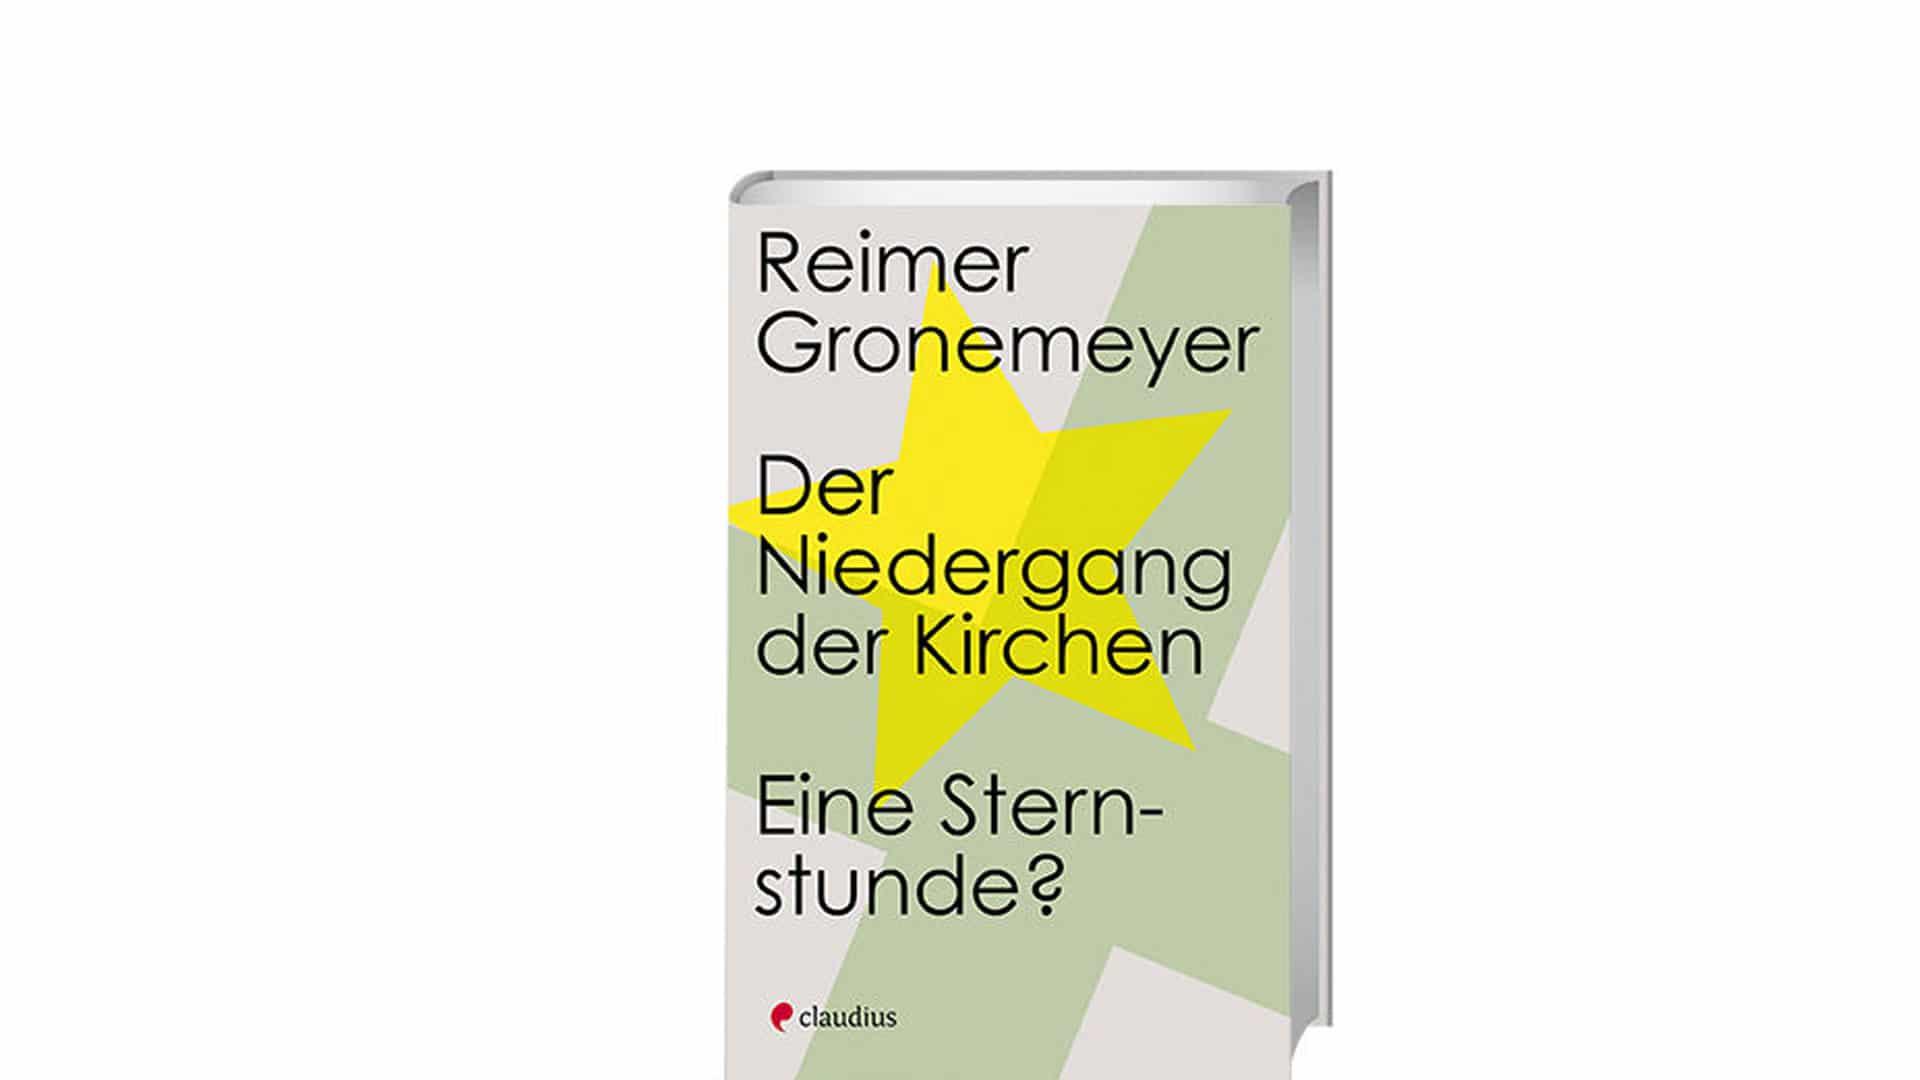 """Reimer Gronemeyer: """"Der Niedergang der Kirchen: eine Sternstunde"""", Claudius, 176 Seiten, 18 Euro, ISBN 9783532628522"""